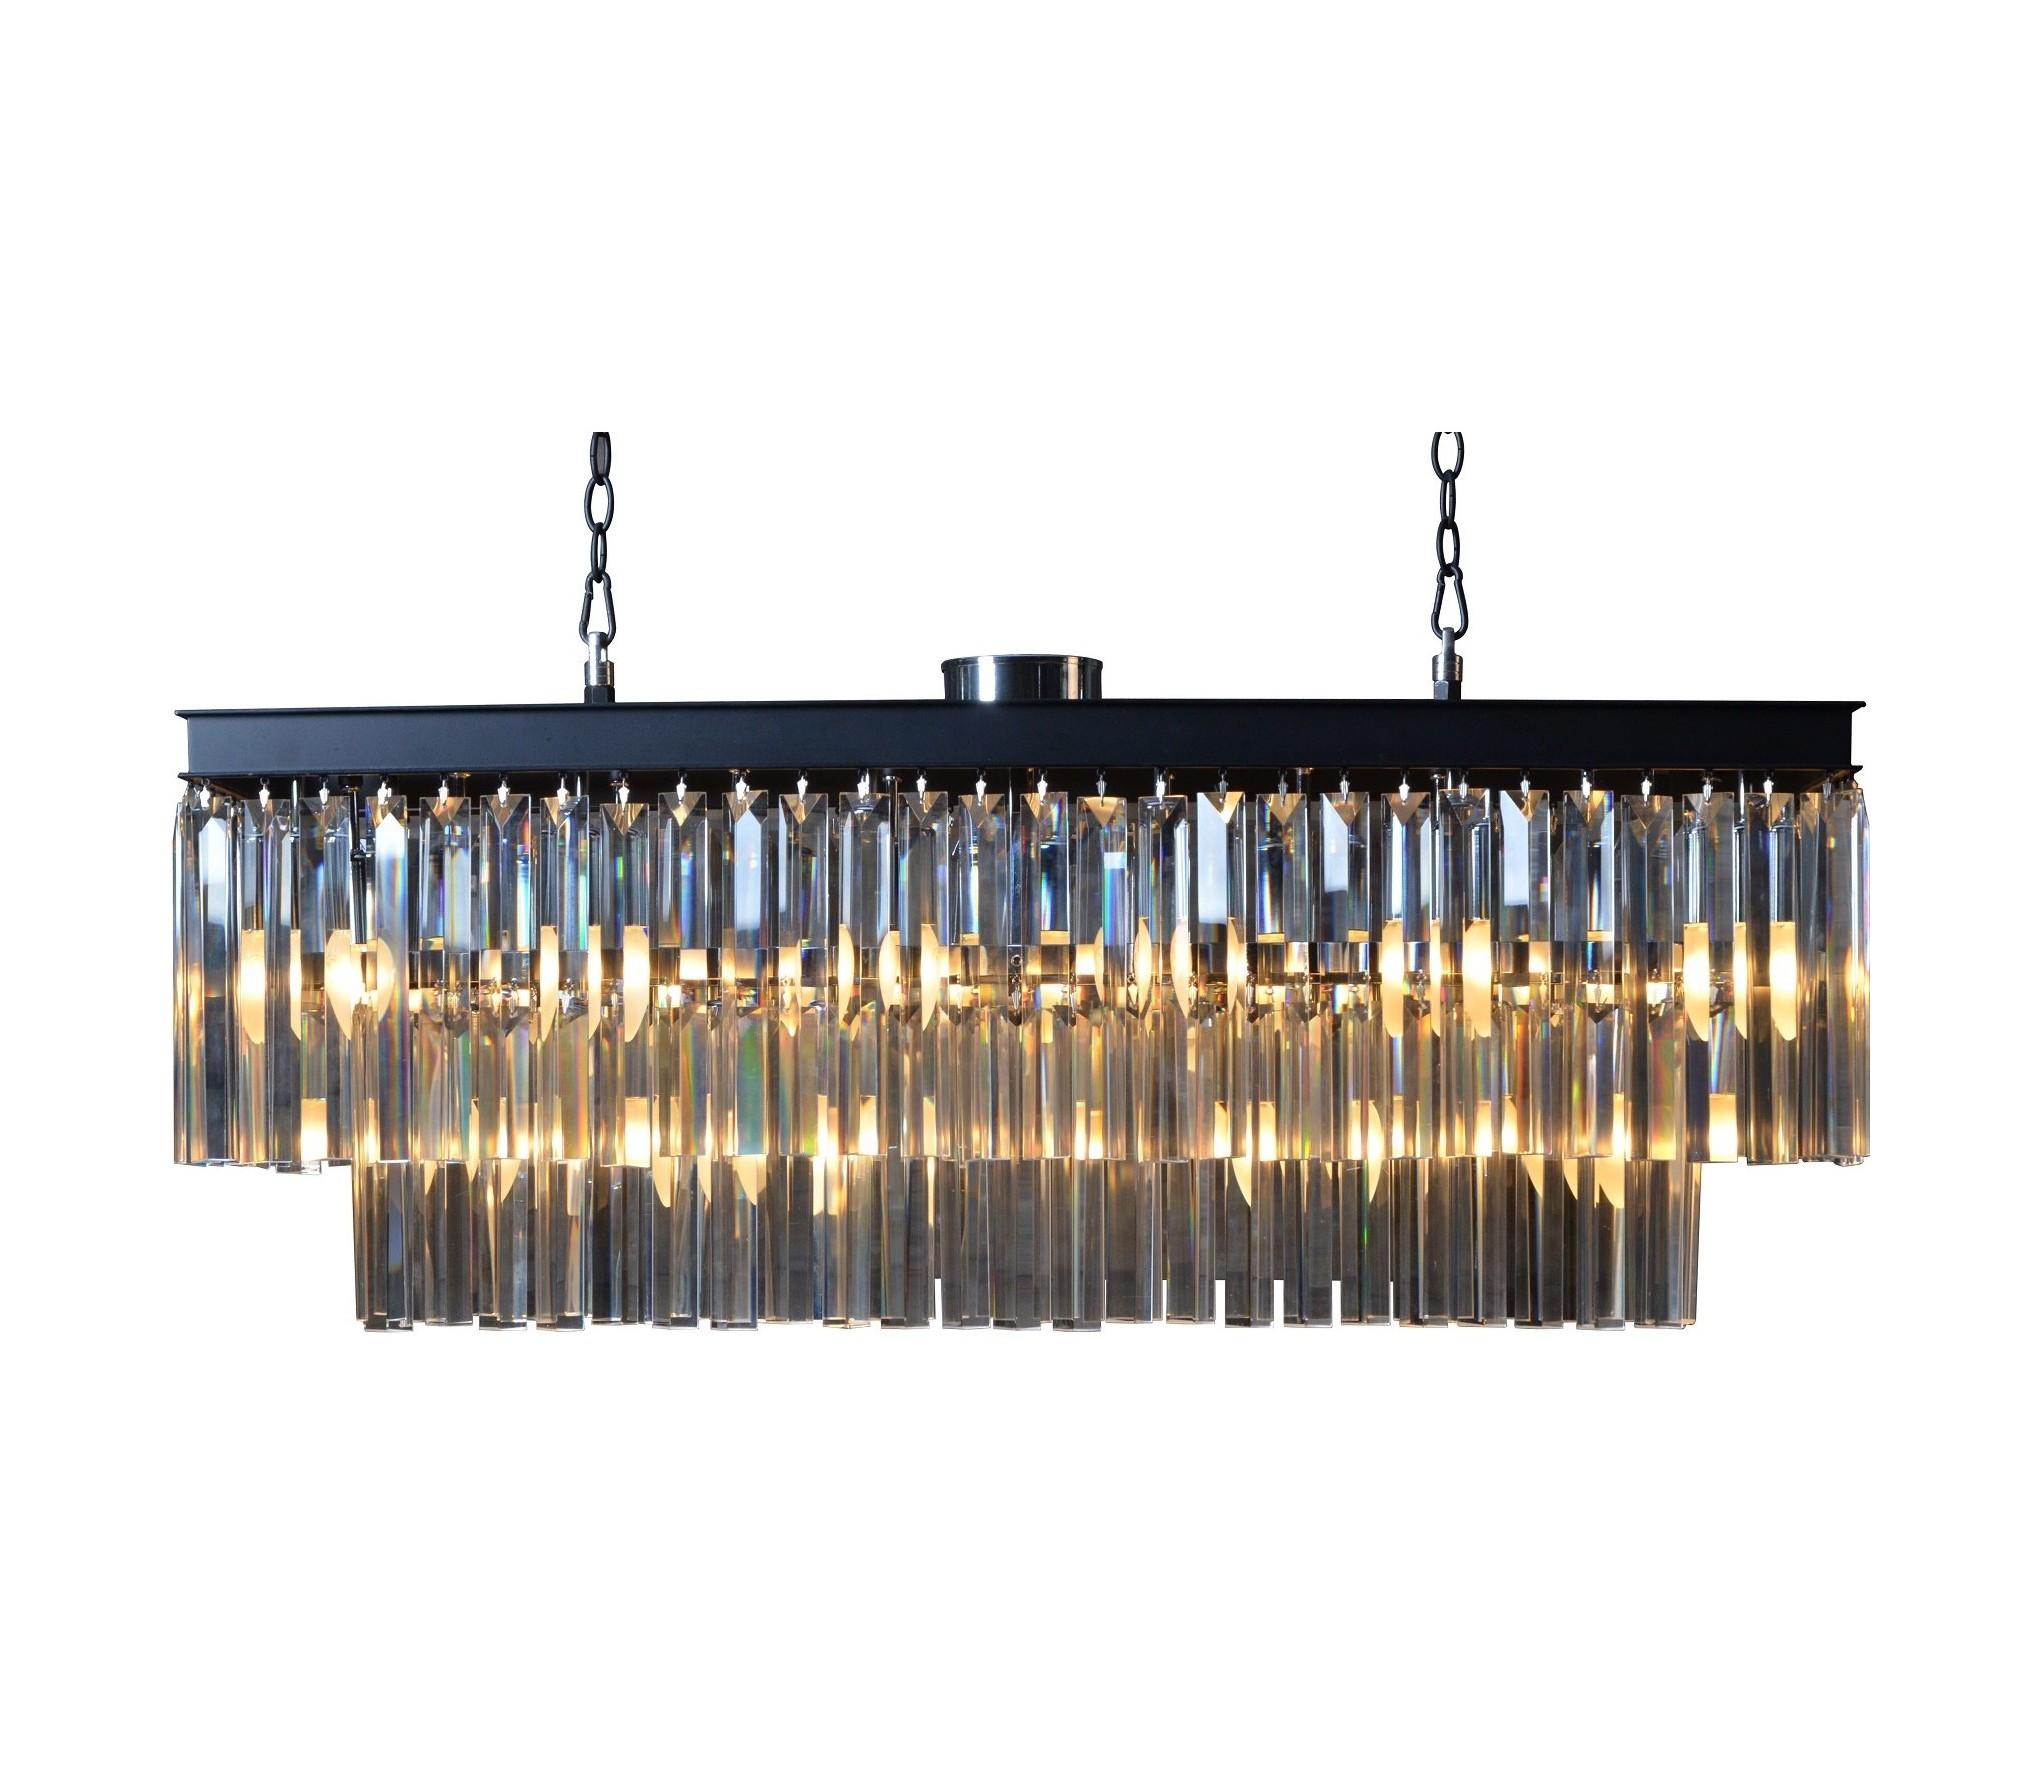 Люстра OdeonЛюстры подвесные<br>Люстра Odeon идеально подходит для классической гостиной в современном стиле. Эта люстра подчеркнет изысканность обстановки. В основе конструкции – хромированный металл со спадающими вниз длинными, тонкими полосками из прозрачного стекла. Множественные полоски из&amp;amp;nbsp;&amp;lt;span style=&amp;quot;line-height: 24.9999px;&amp;quot;&amp;gt;прозрачного&amp;amp;nbsp;&amp;lt;/span&amp;gt;стекла создают эффектные переливы на ее поверхности. Эта большая престижная модель оформлена в два яруса, между которыми устроены плавные переходы. На нашем сайте люстра Odeon представлена в четырех размерах и в разных вариантах отделки.&amp;lt;div&amp;gt;&amp;lt;br&amp;gt;&amp;lt;/div&amp;gt;&amp;lt;div&amp;gt;&amp;lt;div&amp;gt;Количество ламп: 16.&amp;lt;/div&amp;gt;&amp;lt;div&amp;gt;Тип цоколя: Е14.&amp;lt;/div&amp;gt;&amp;lt;/div&amp;gt;&amp;lt;div&amp;gt;Мощность: 25W.&amp;lt;br&amp;gt;&amp;lt;/div&amp;gt;&amp;lt;div&amp;gt;&amp;lt;br&amp;gt;&amp;lt;/div&amp;gt;<br><br>Material: Стекло<br>Width см: 34<br>Depth см: 102<br>Height см: 45<br>Diameter см: None